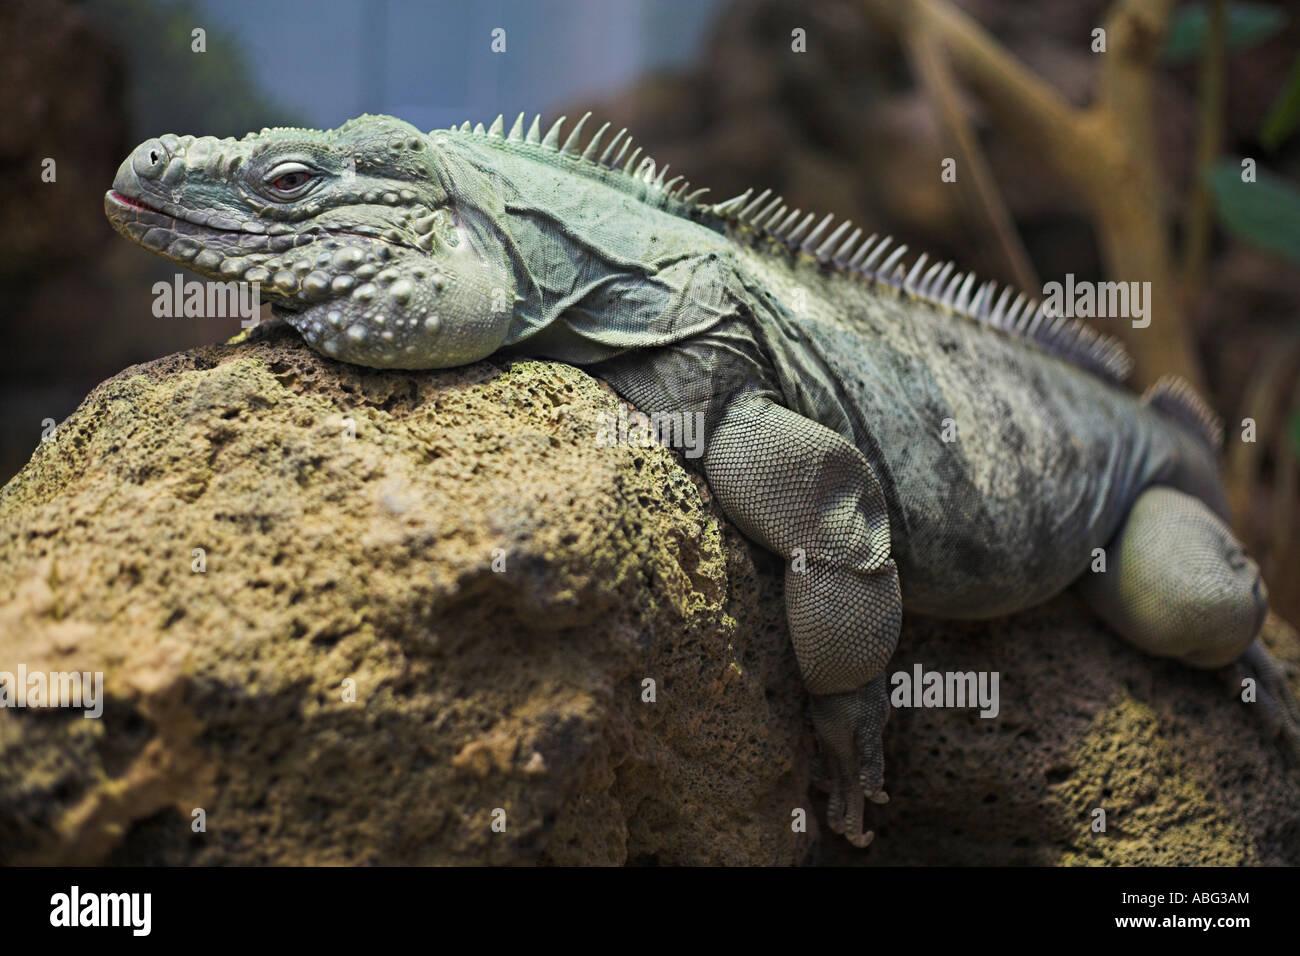 Siesta de Iguana Imagen De Stock